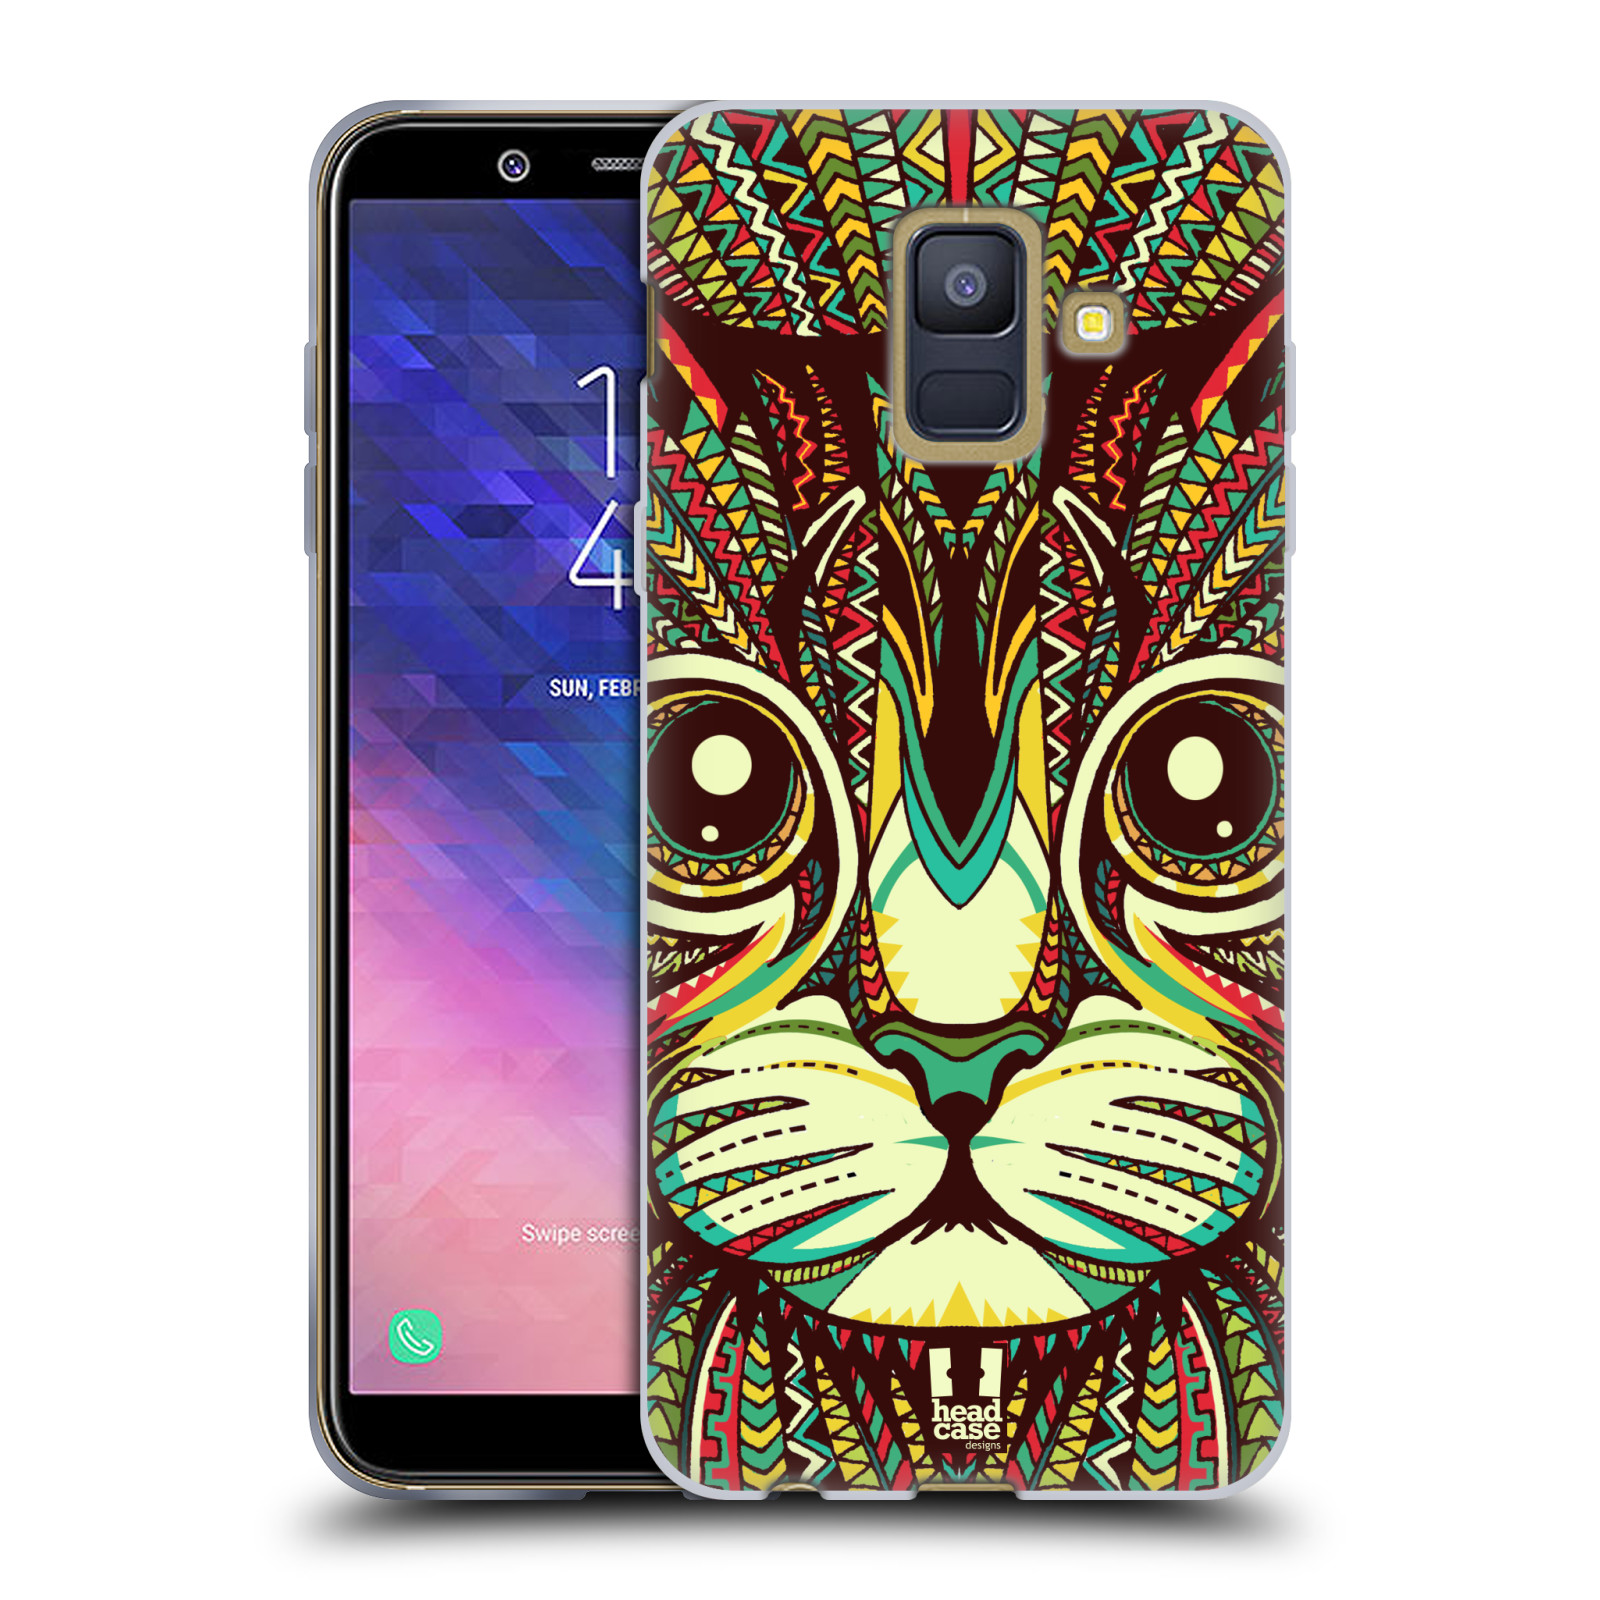 Silikonové pouzdro na mobil Samsung Galaxy A6 (2018) - Head Case - AZTEC KOČKA